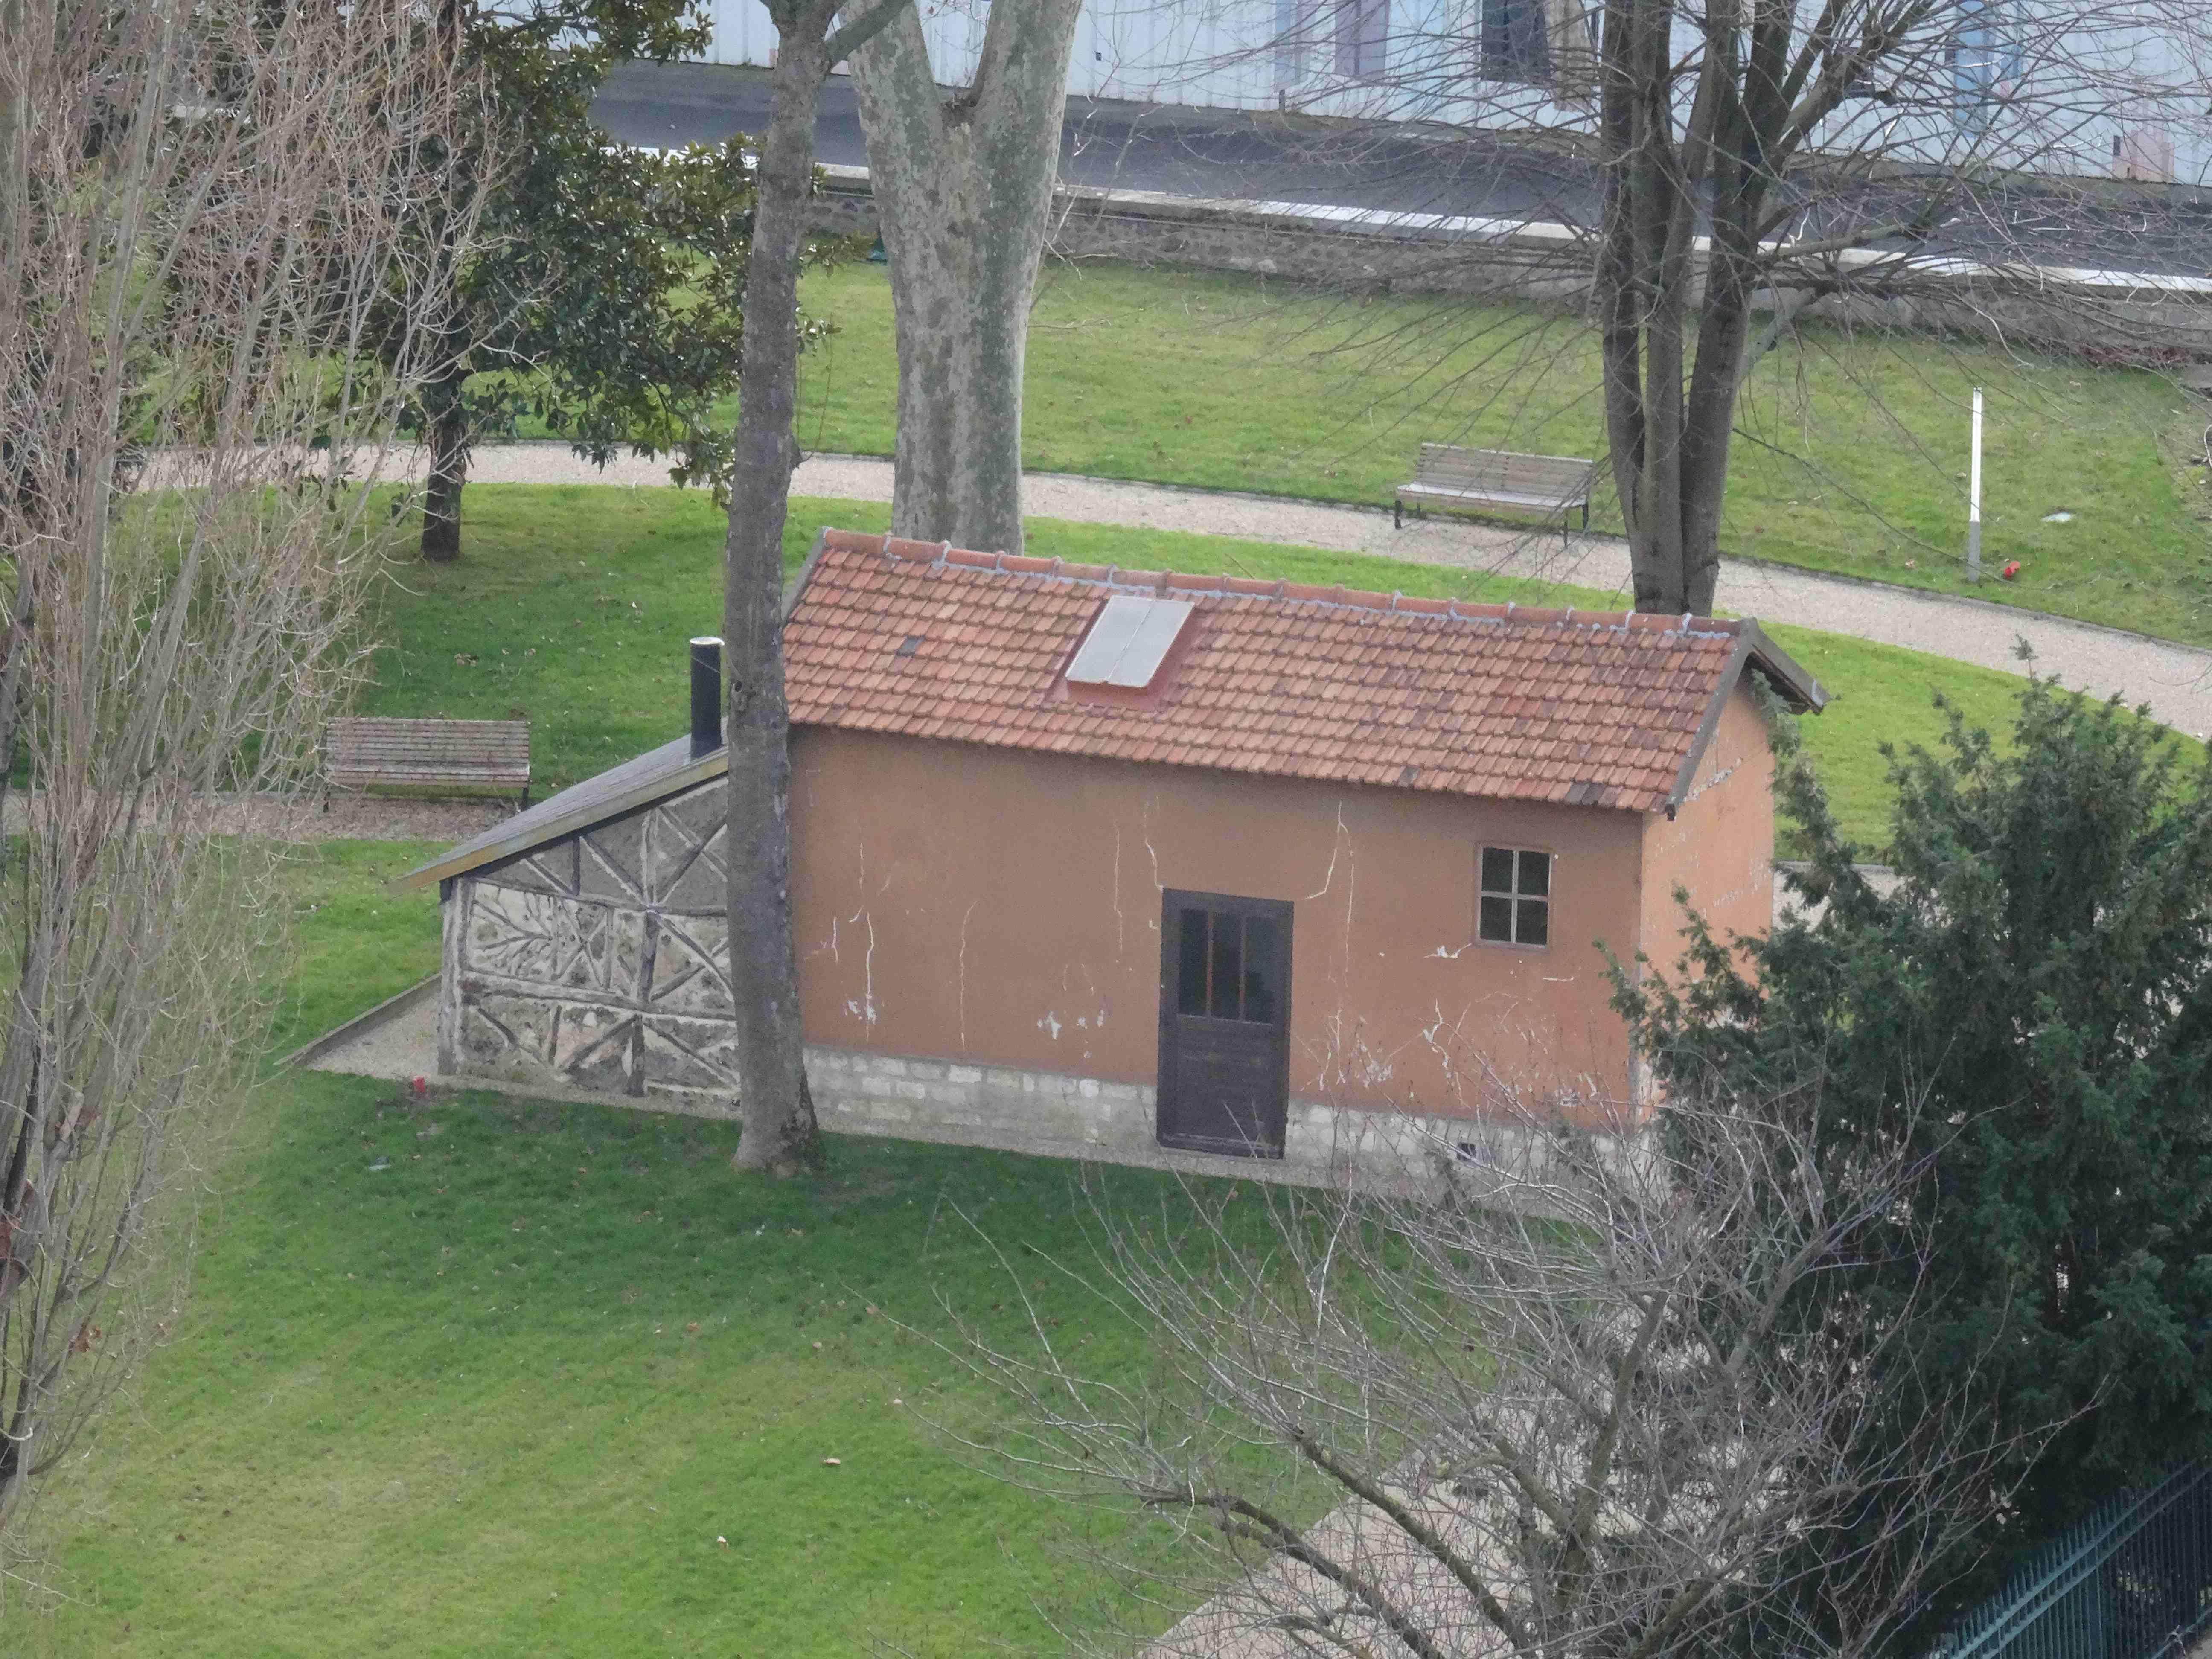 La cabane dans le jardin du bâtiment Dreyfus